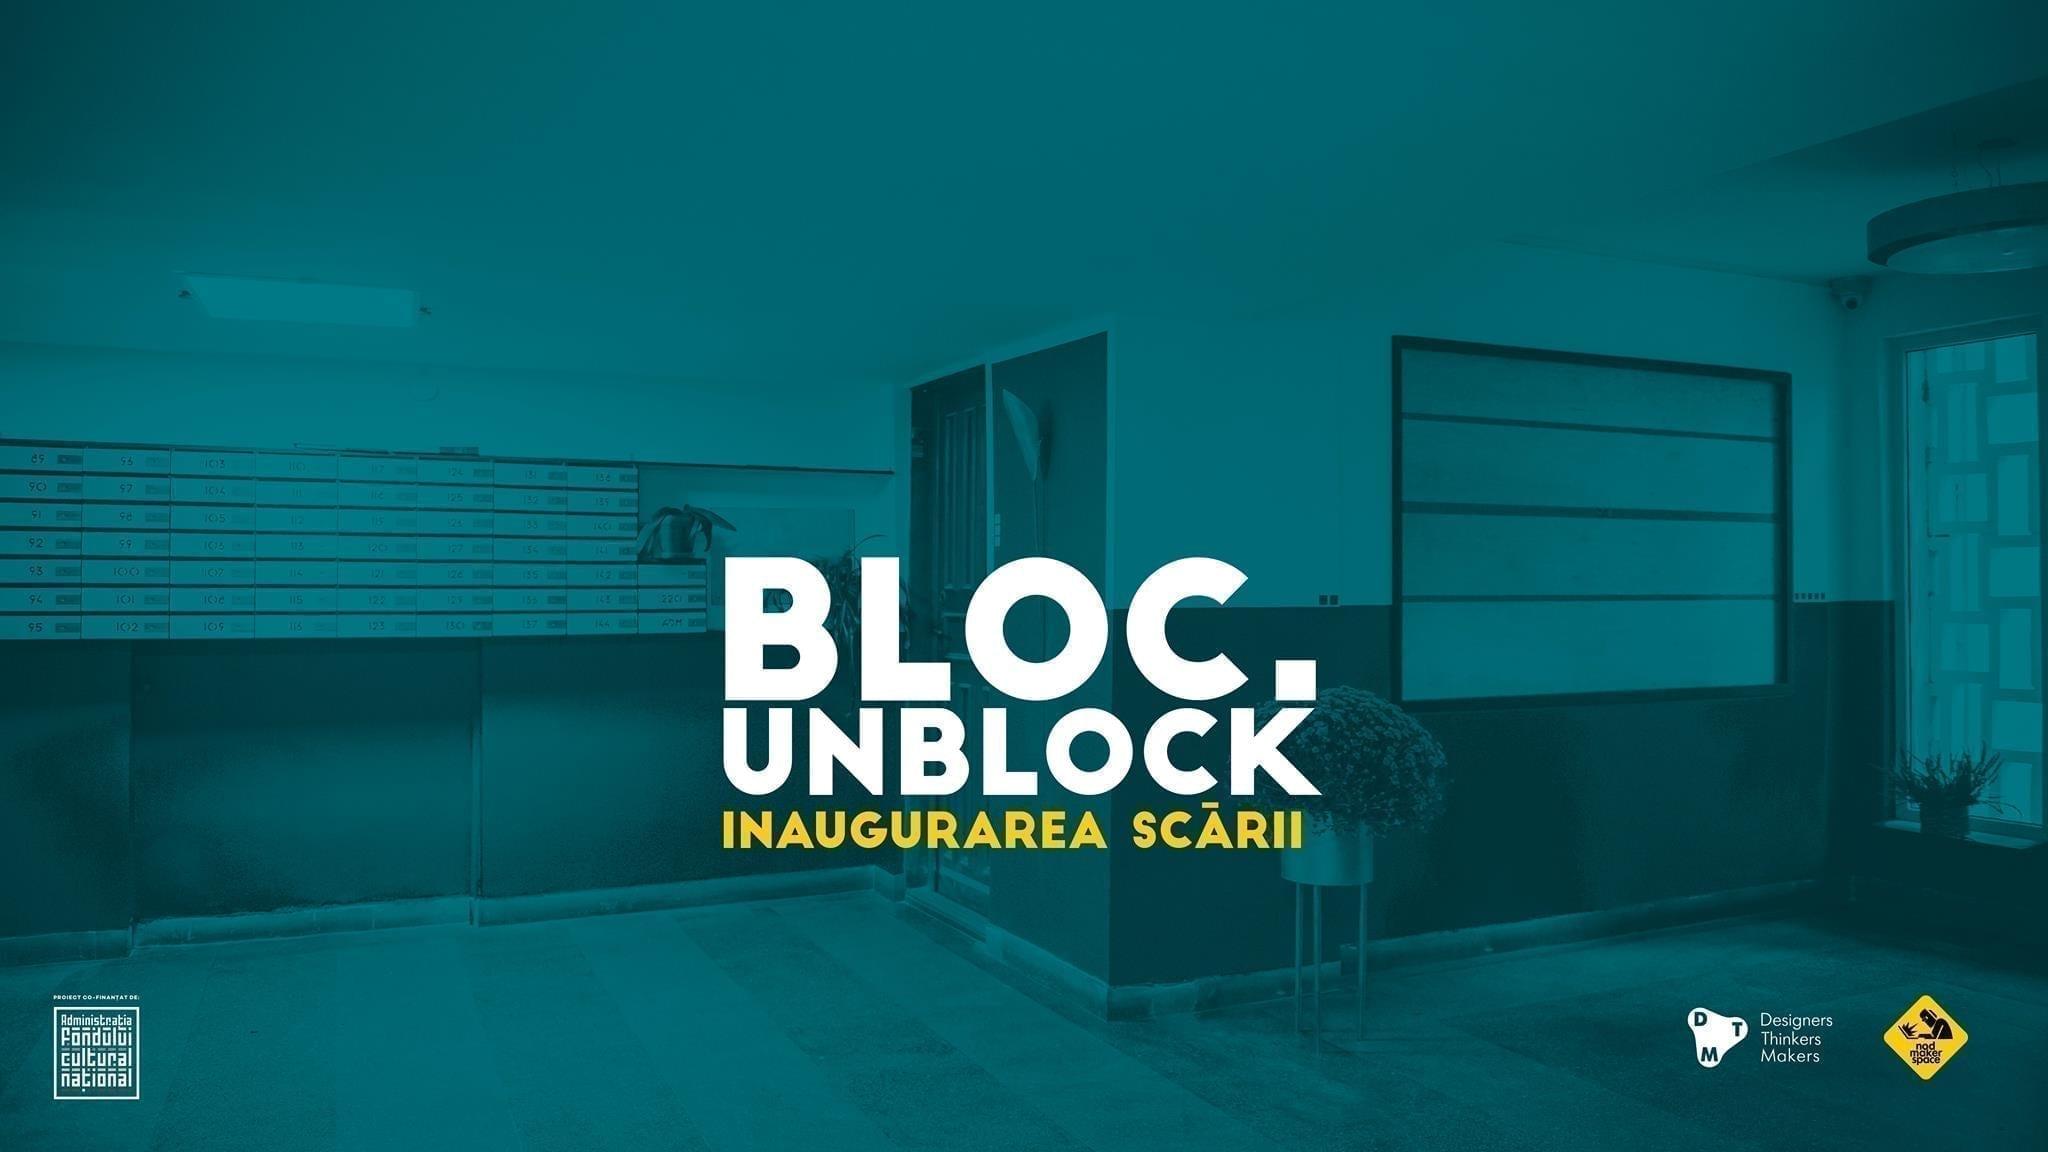 Bloc. Unblock. Launch event